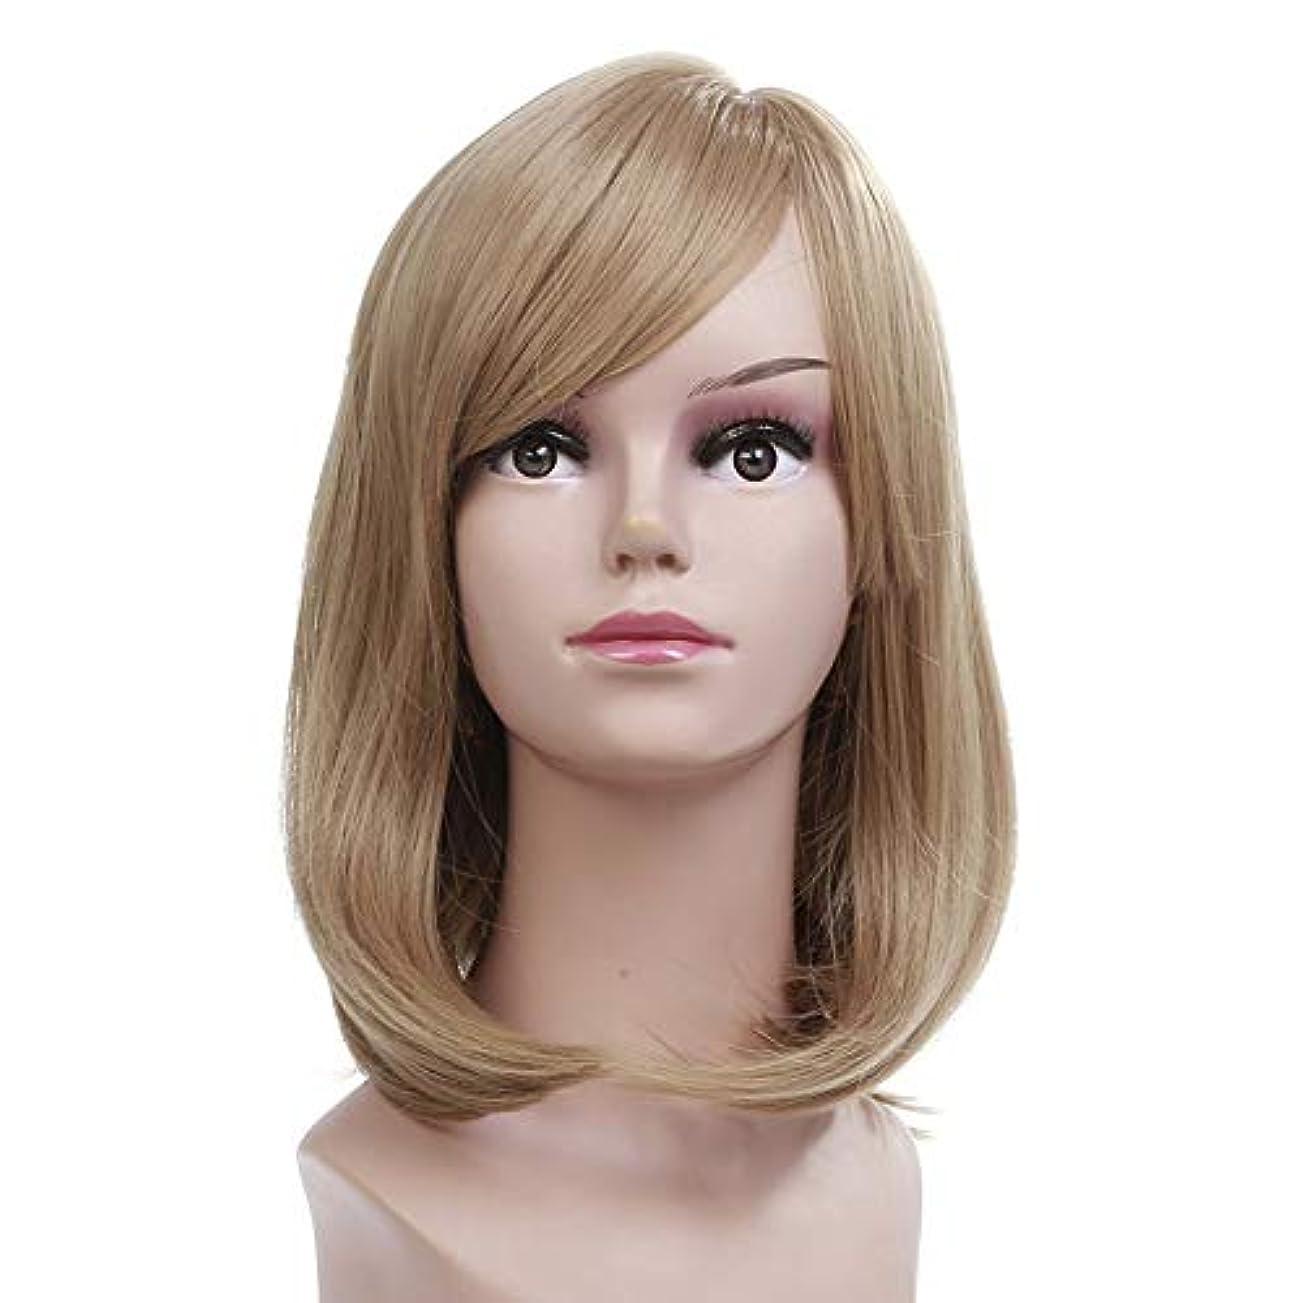 アシュリータファーマン開示する疑問を超えてWASAIO ブロンドのかつら肩の長さストレートヘア (色 : Blonde)